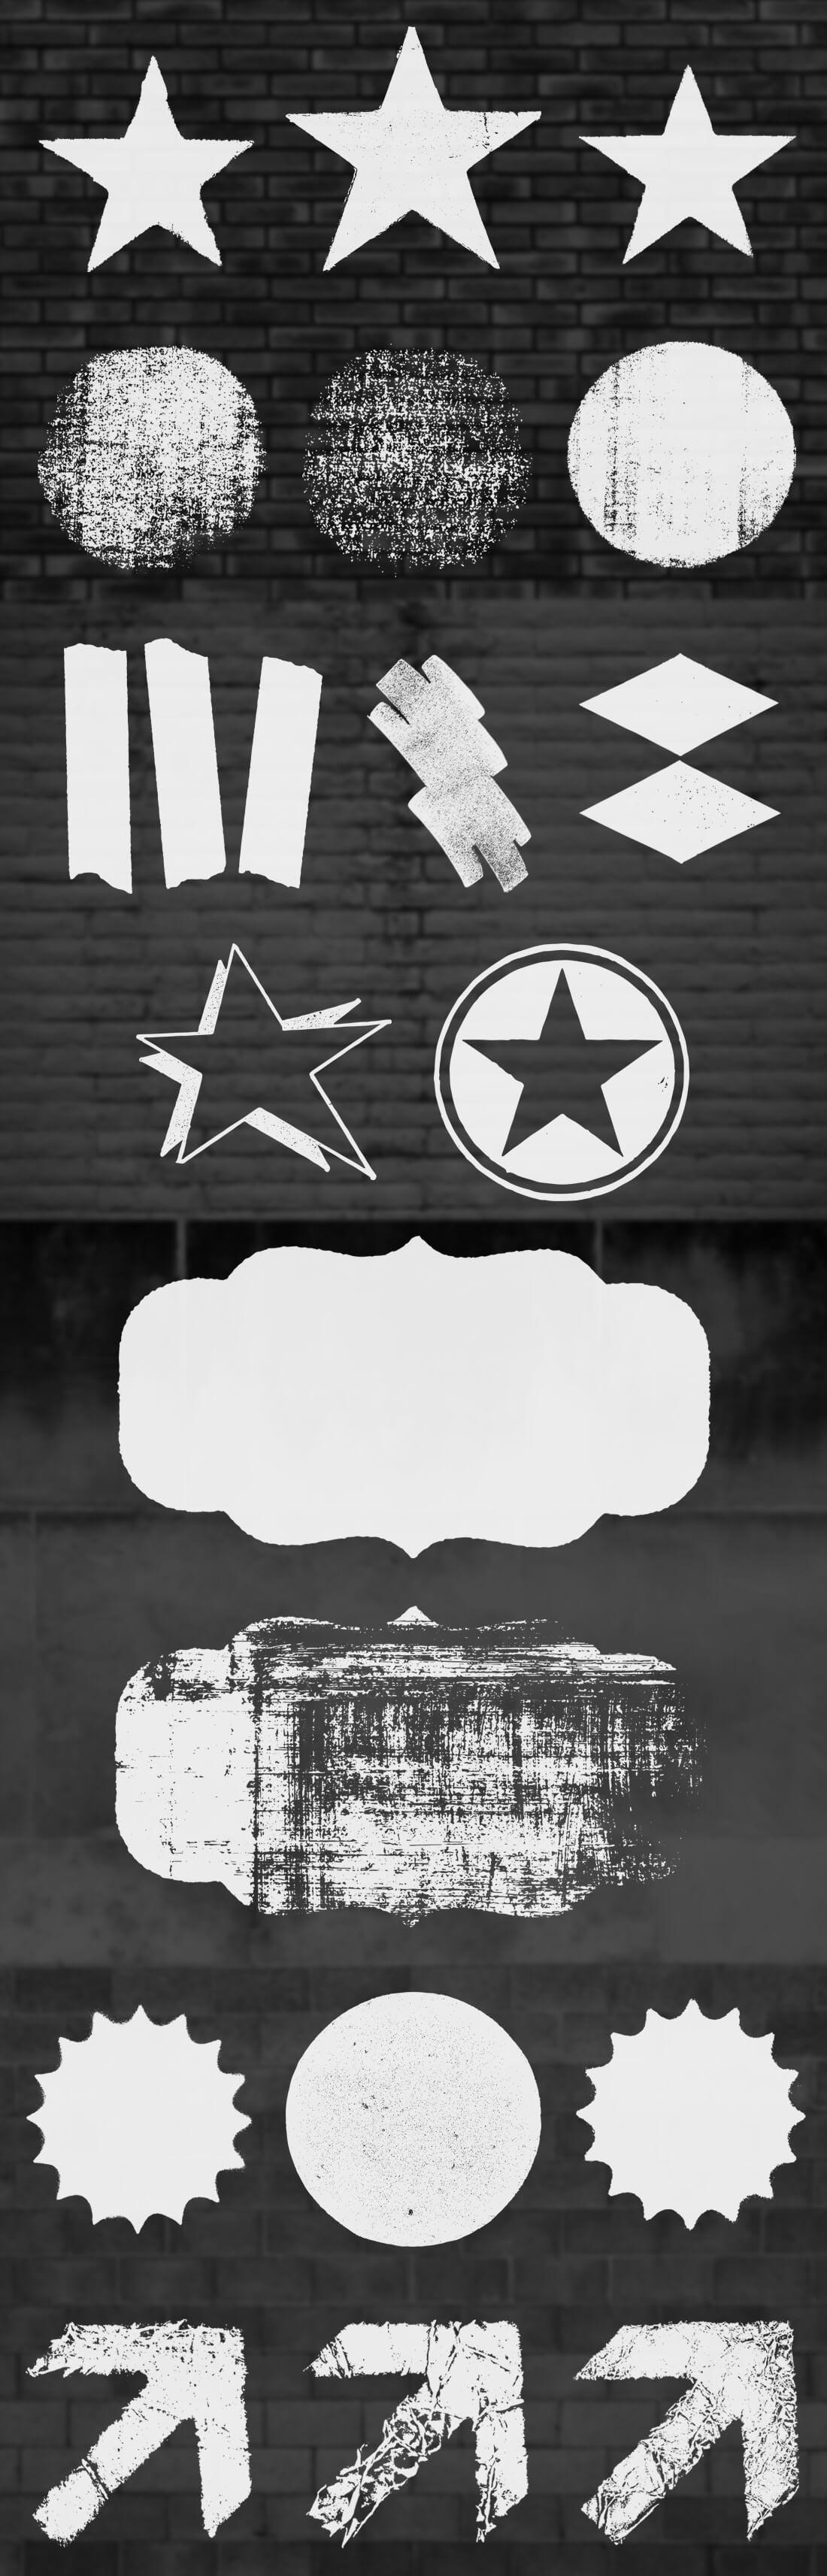 ultrashock-grunge-shapes-and-symbols-2